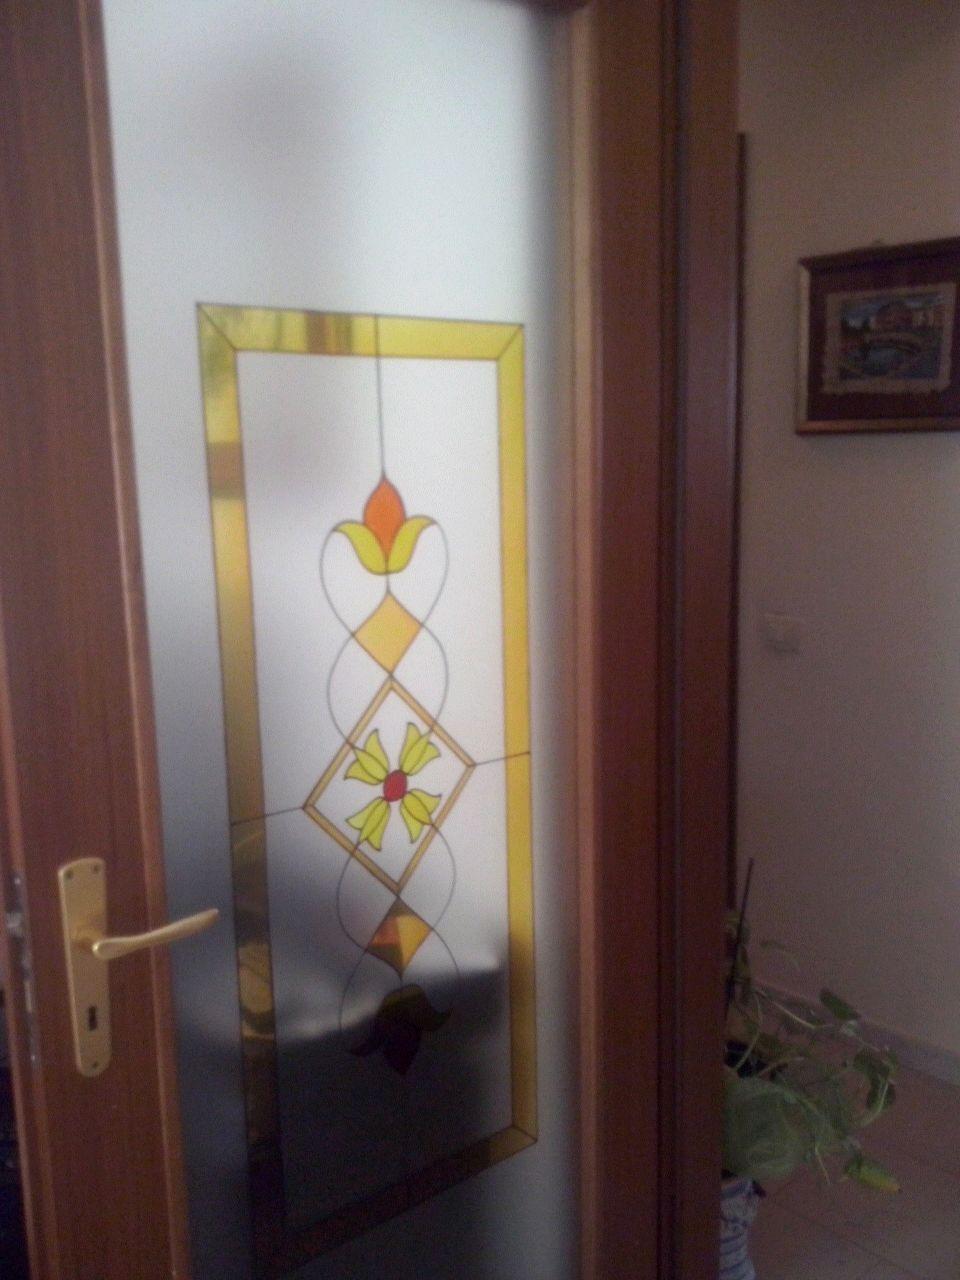 Villaggio catarratti messina pluto immobiliare - Immobile classe g ...